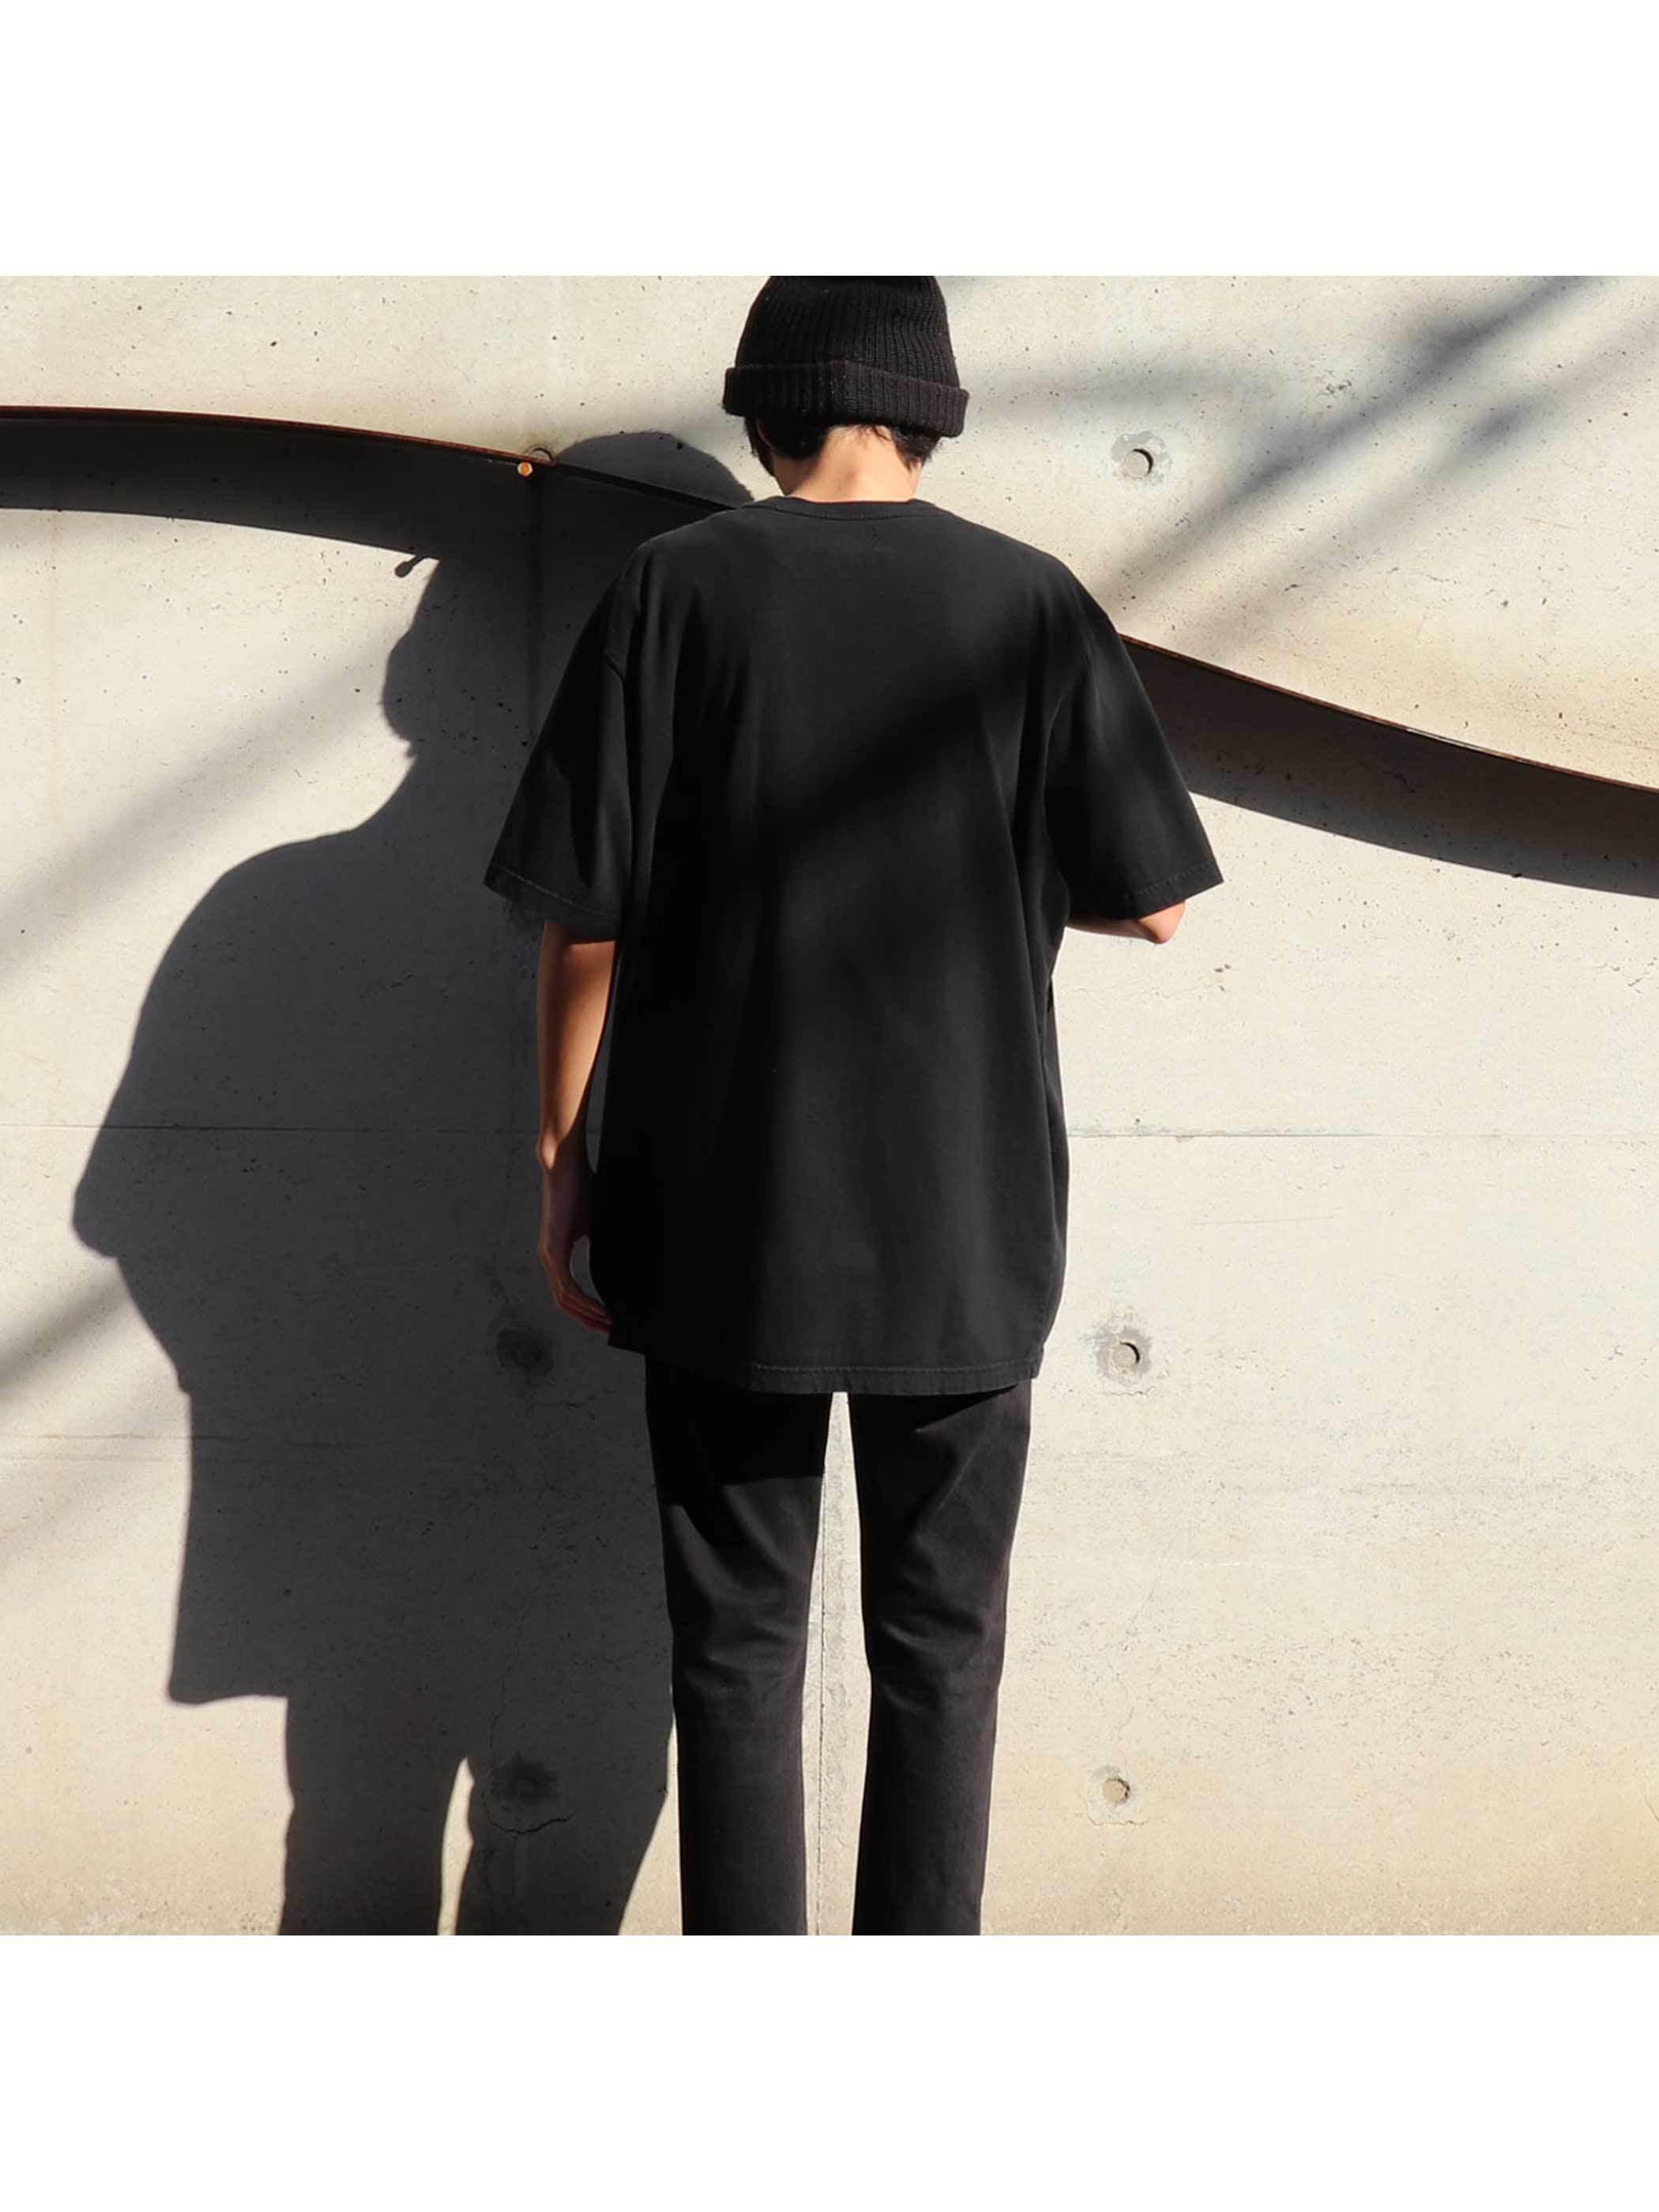 90's EDDIE BAUER USA製 ブラック 無地Tシャツ [XL]